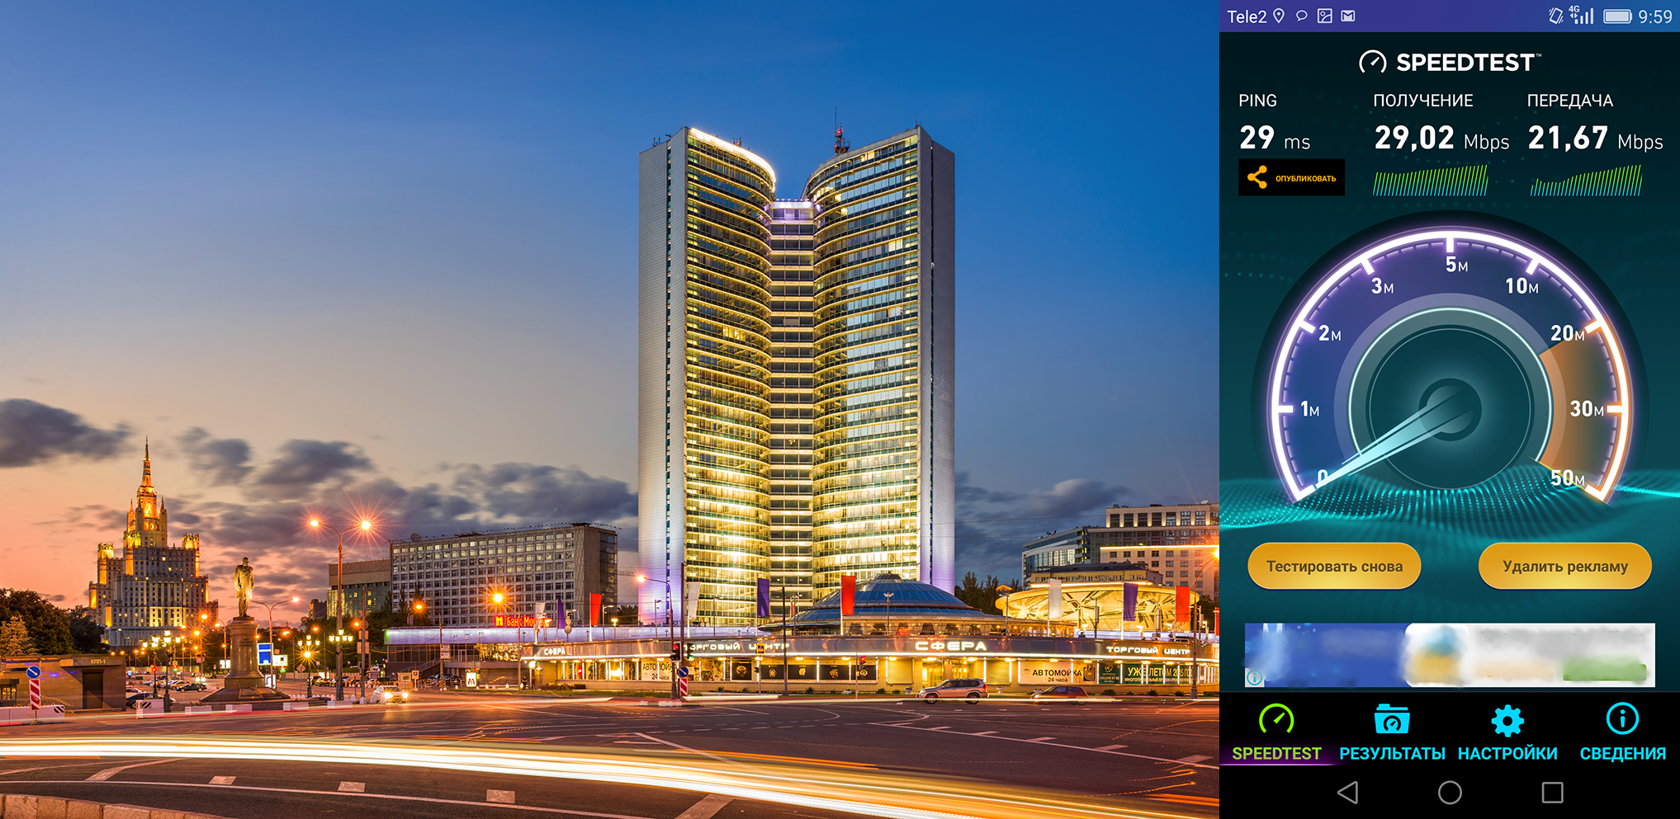 Tele2 в Москве: тестируем сеть нового оператора - 10